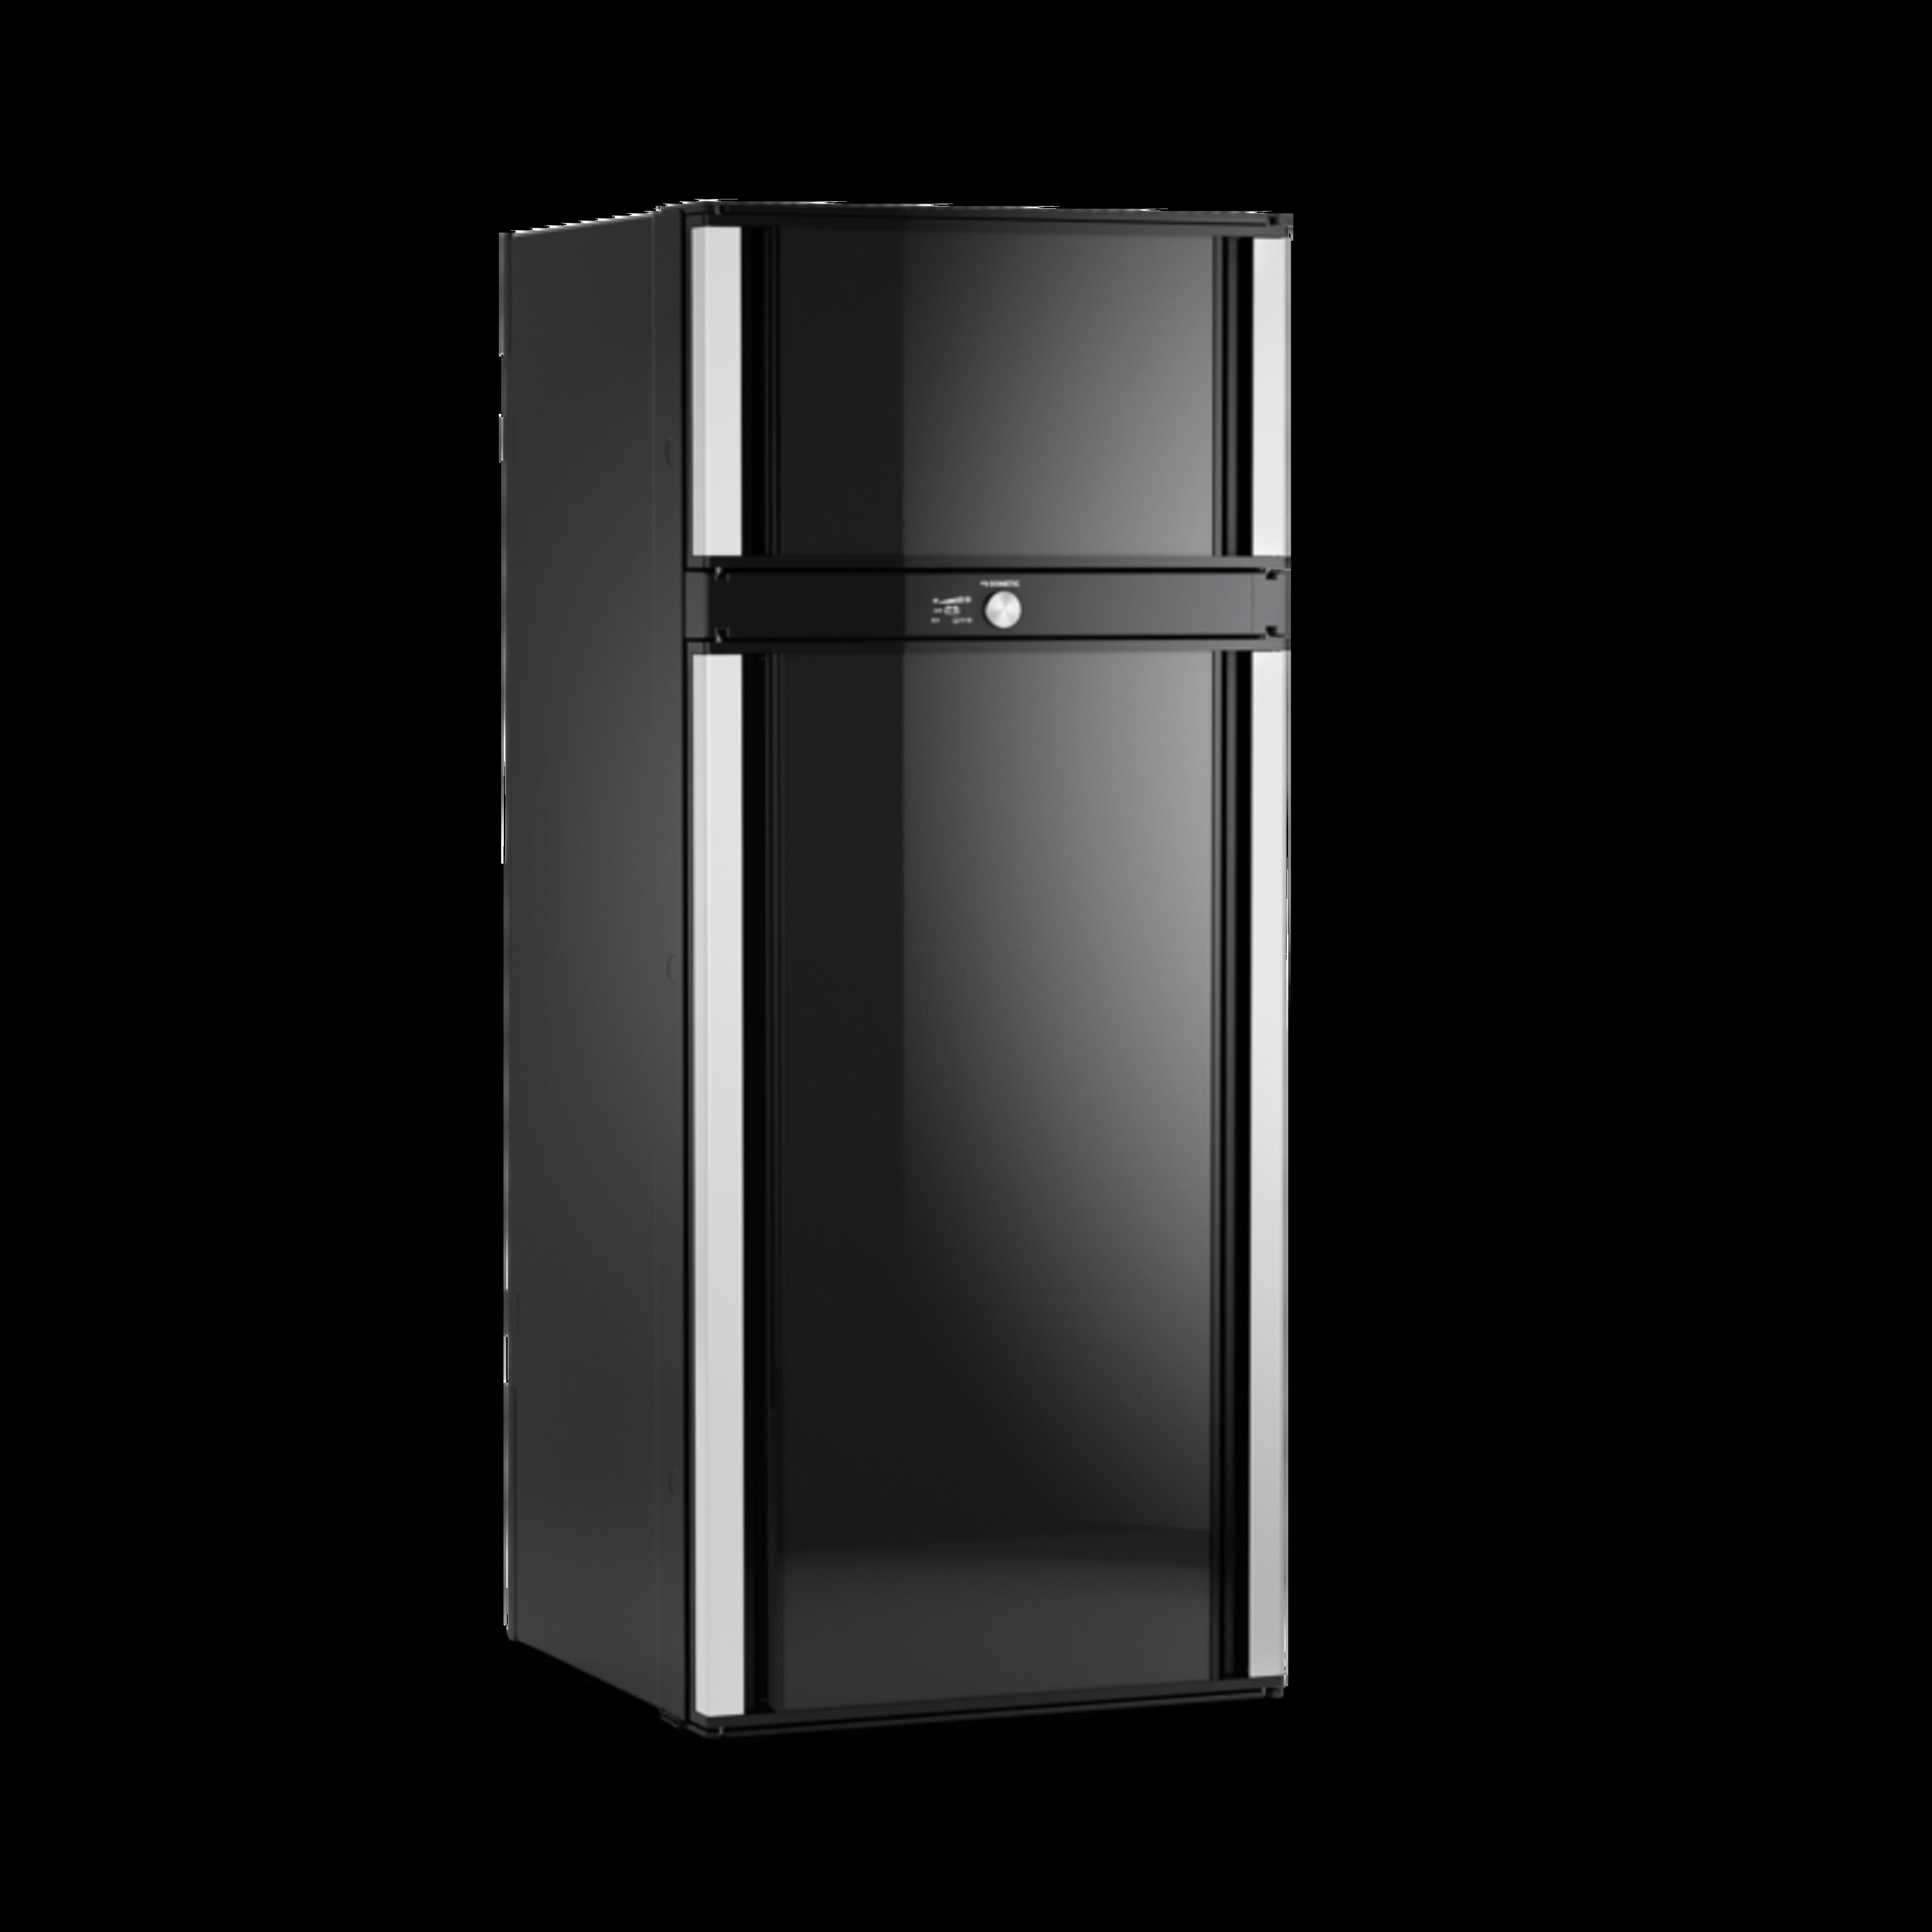 køleskab 2 meter